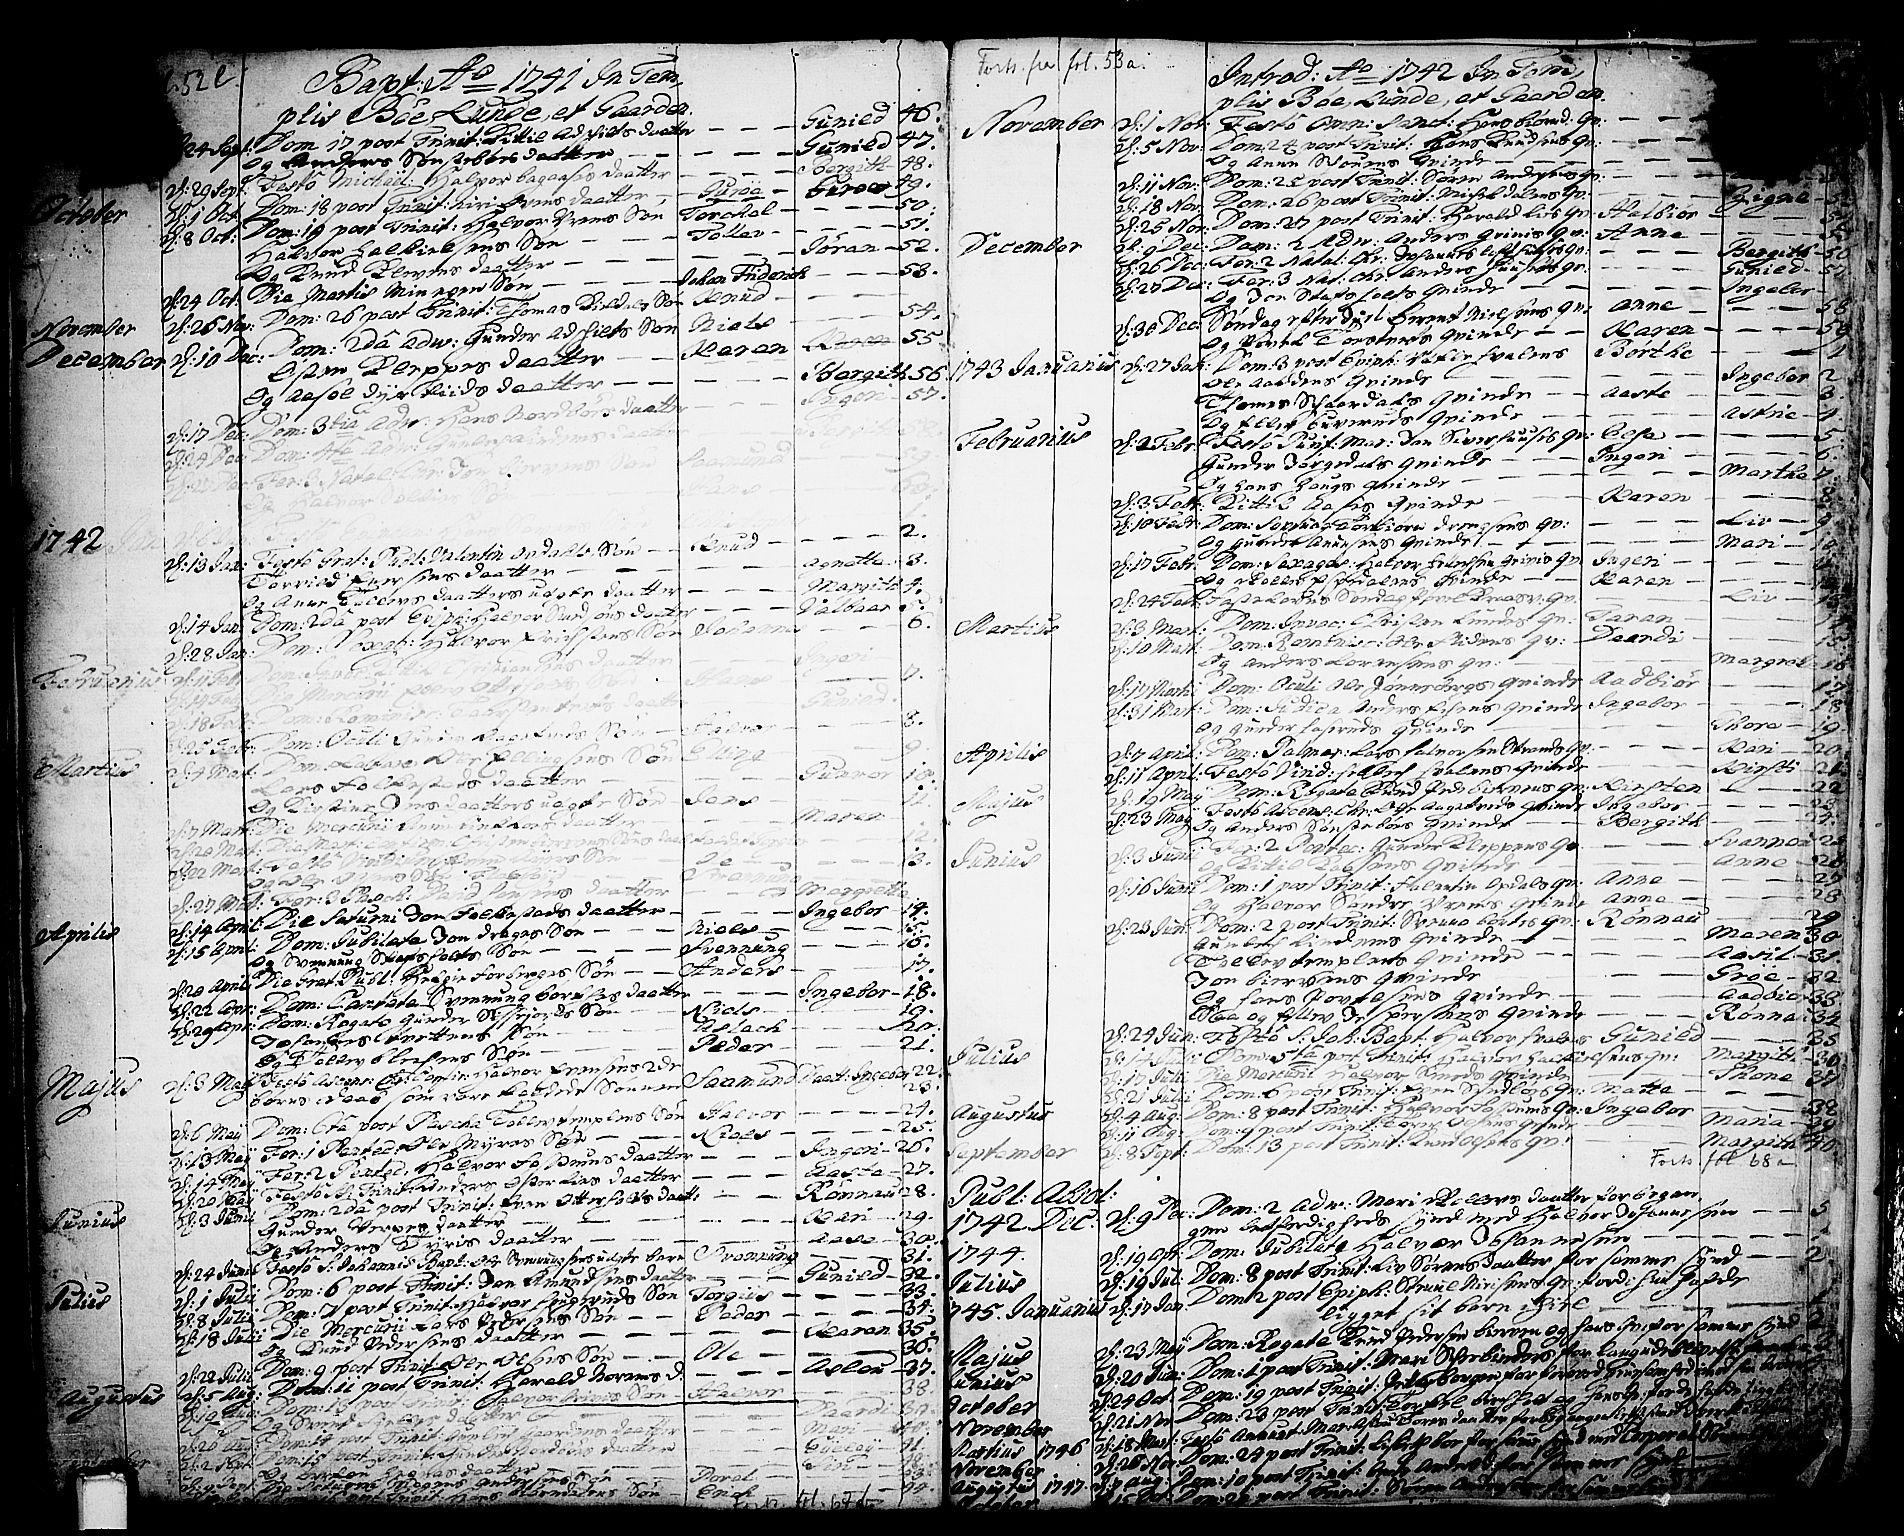 SAKO, Bø kirkebøker, F/Fa/L0003: Ministerialbok nr. 3, 1733-1748, s. 55